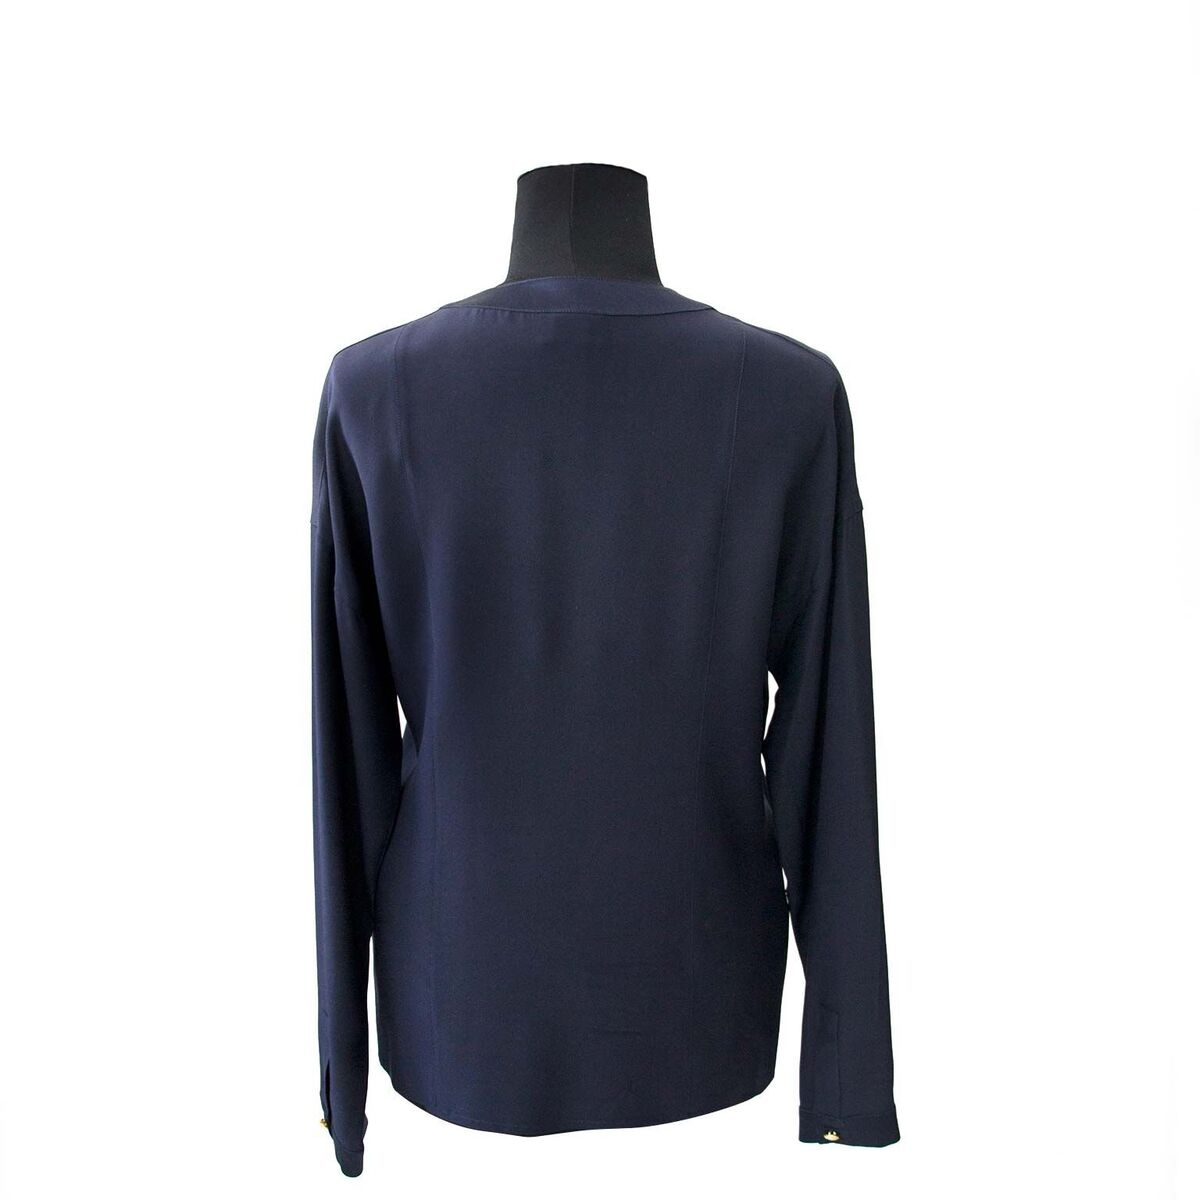 Koop authentieke tweedehands Chanel Navy Bloes aan een eerlijke prijs bij LabelLOV. Veilig online shoppen.